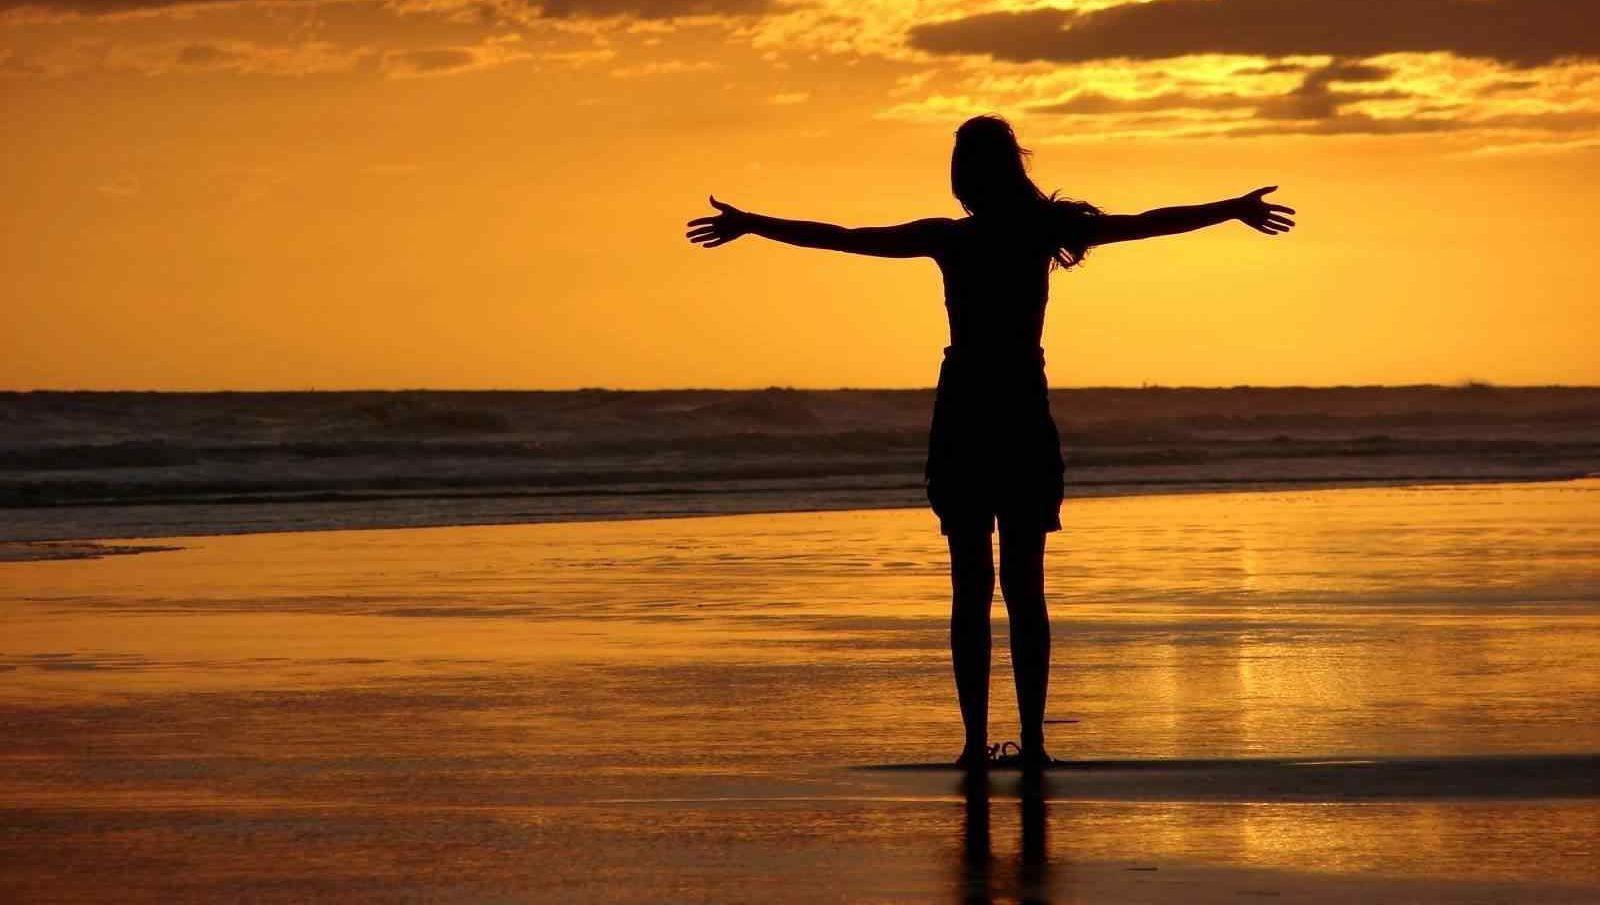 Los Enormes Beneficios Físicos y Emocionales por Cultivar la Gratitud